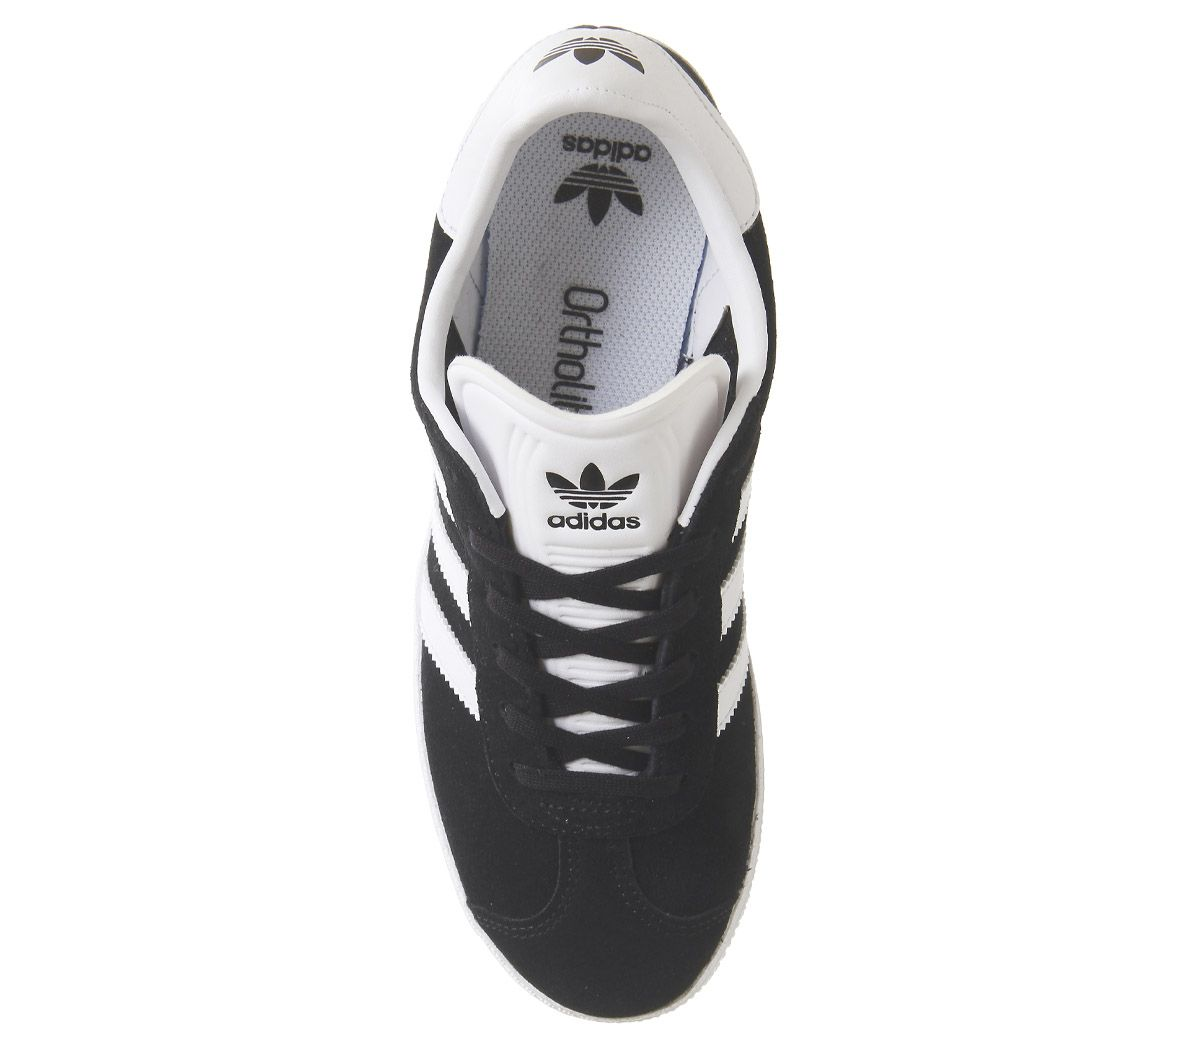 plus récent 8c8f0 3daac Détails sur Short femme Adidas Gazelle Jnr Baskets Core Noir Baskets  Chaussures- afficher le titre d'origine